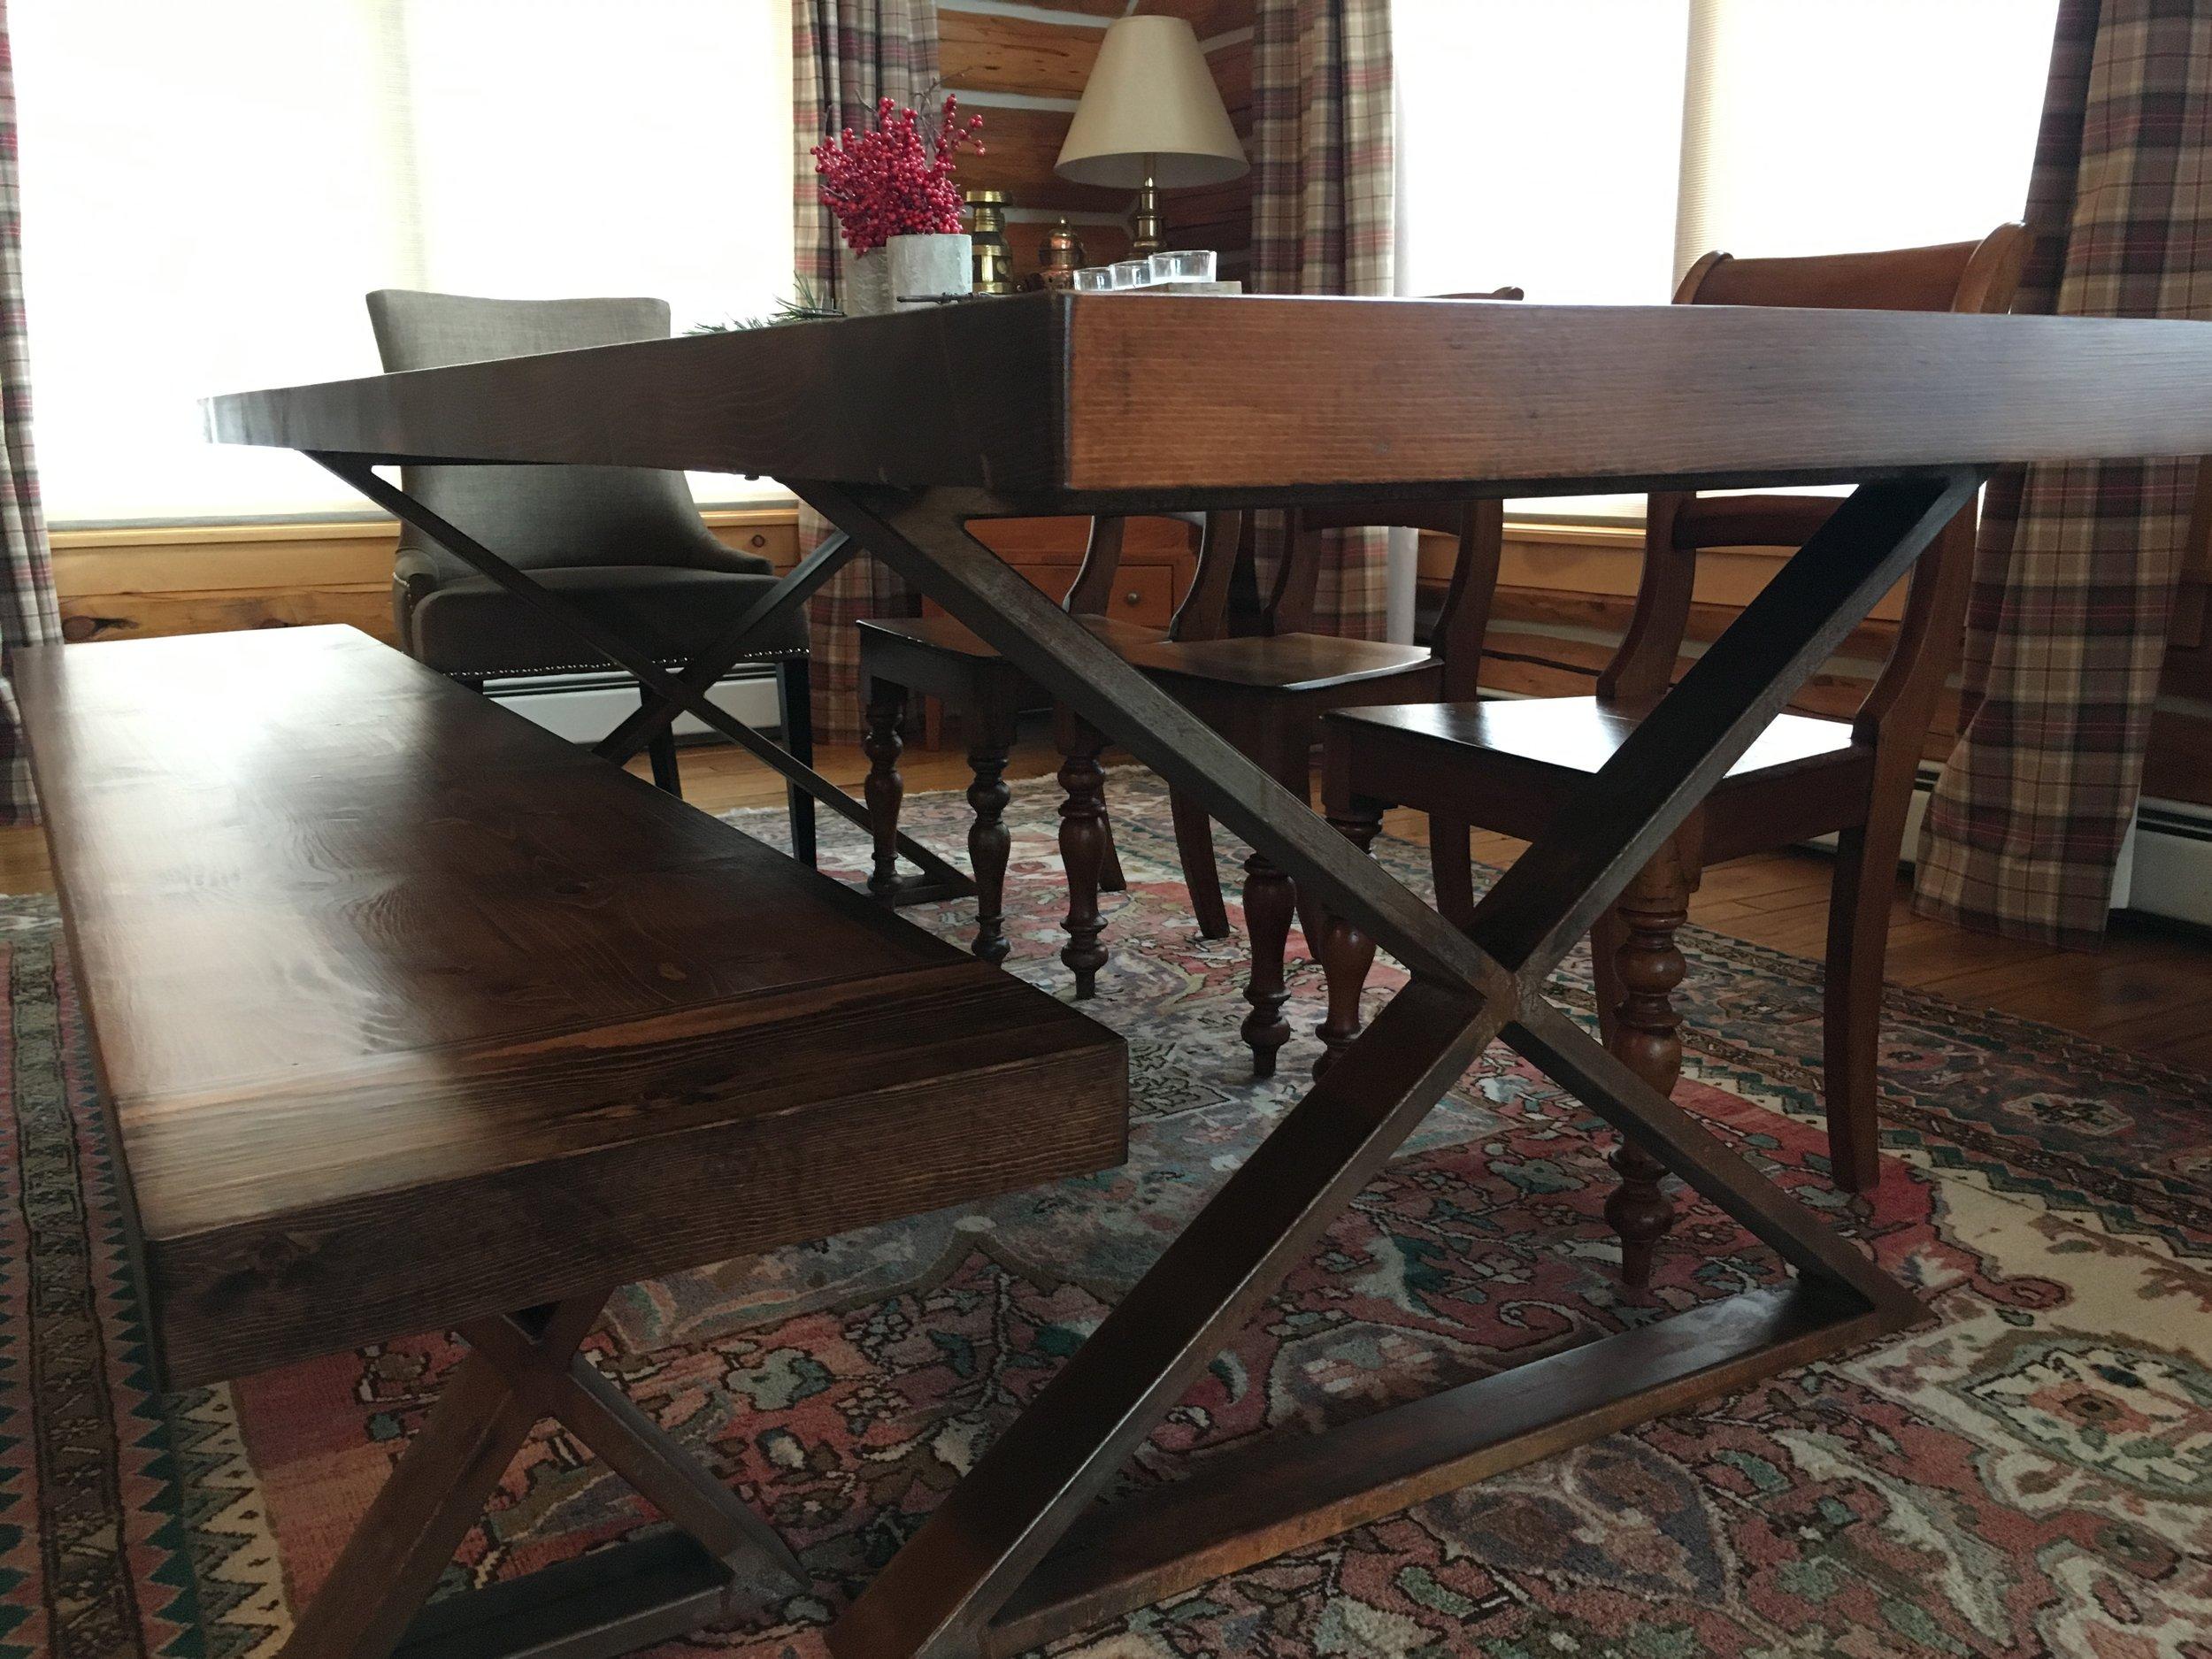 Fine Bank Of Colorado Custom Confrenece Room Table Colorado Tables Home Interior And Landscaping Sapresignezvosmurscom